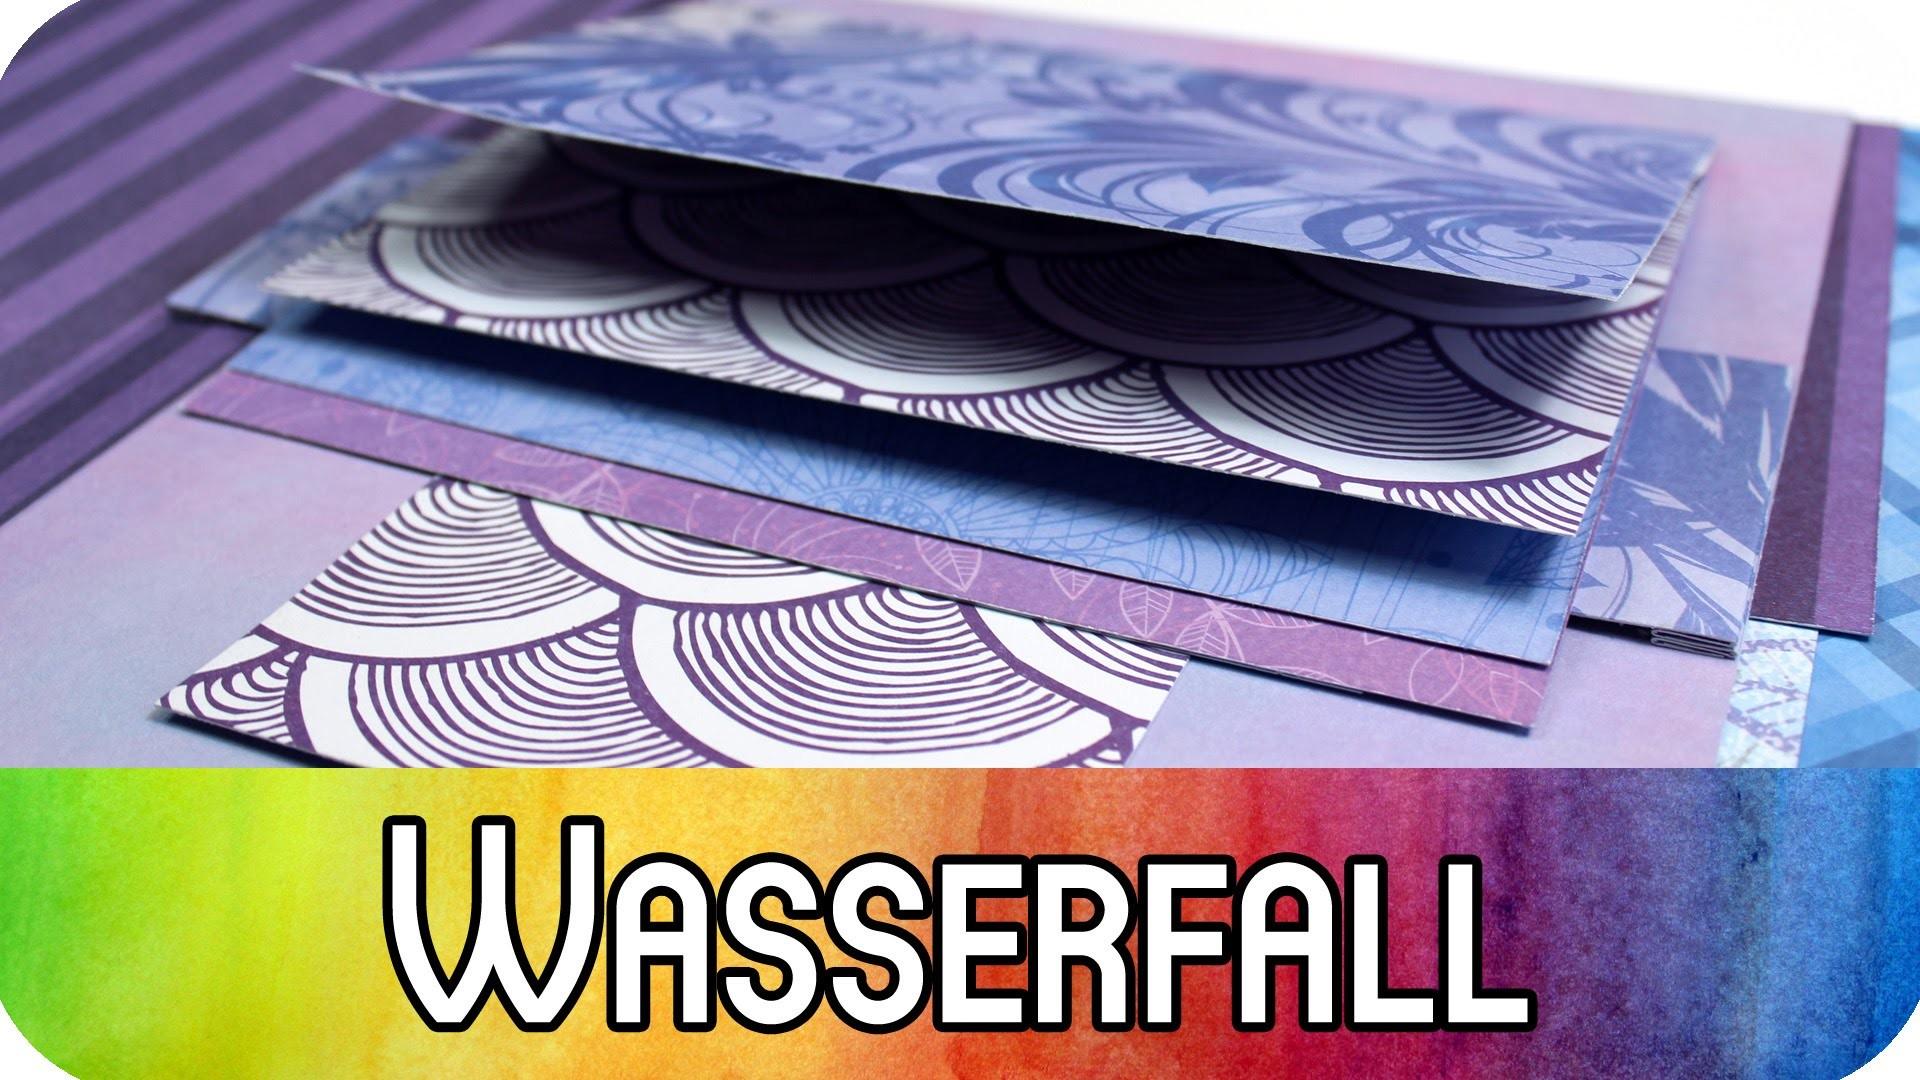 How to: Grundtechnik Scrapbook Wasserfall   Scrapbooking & Karten Tutorial   kreativbunt